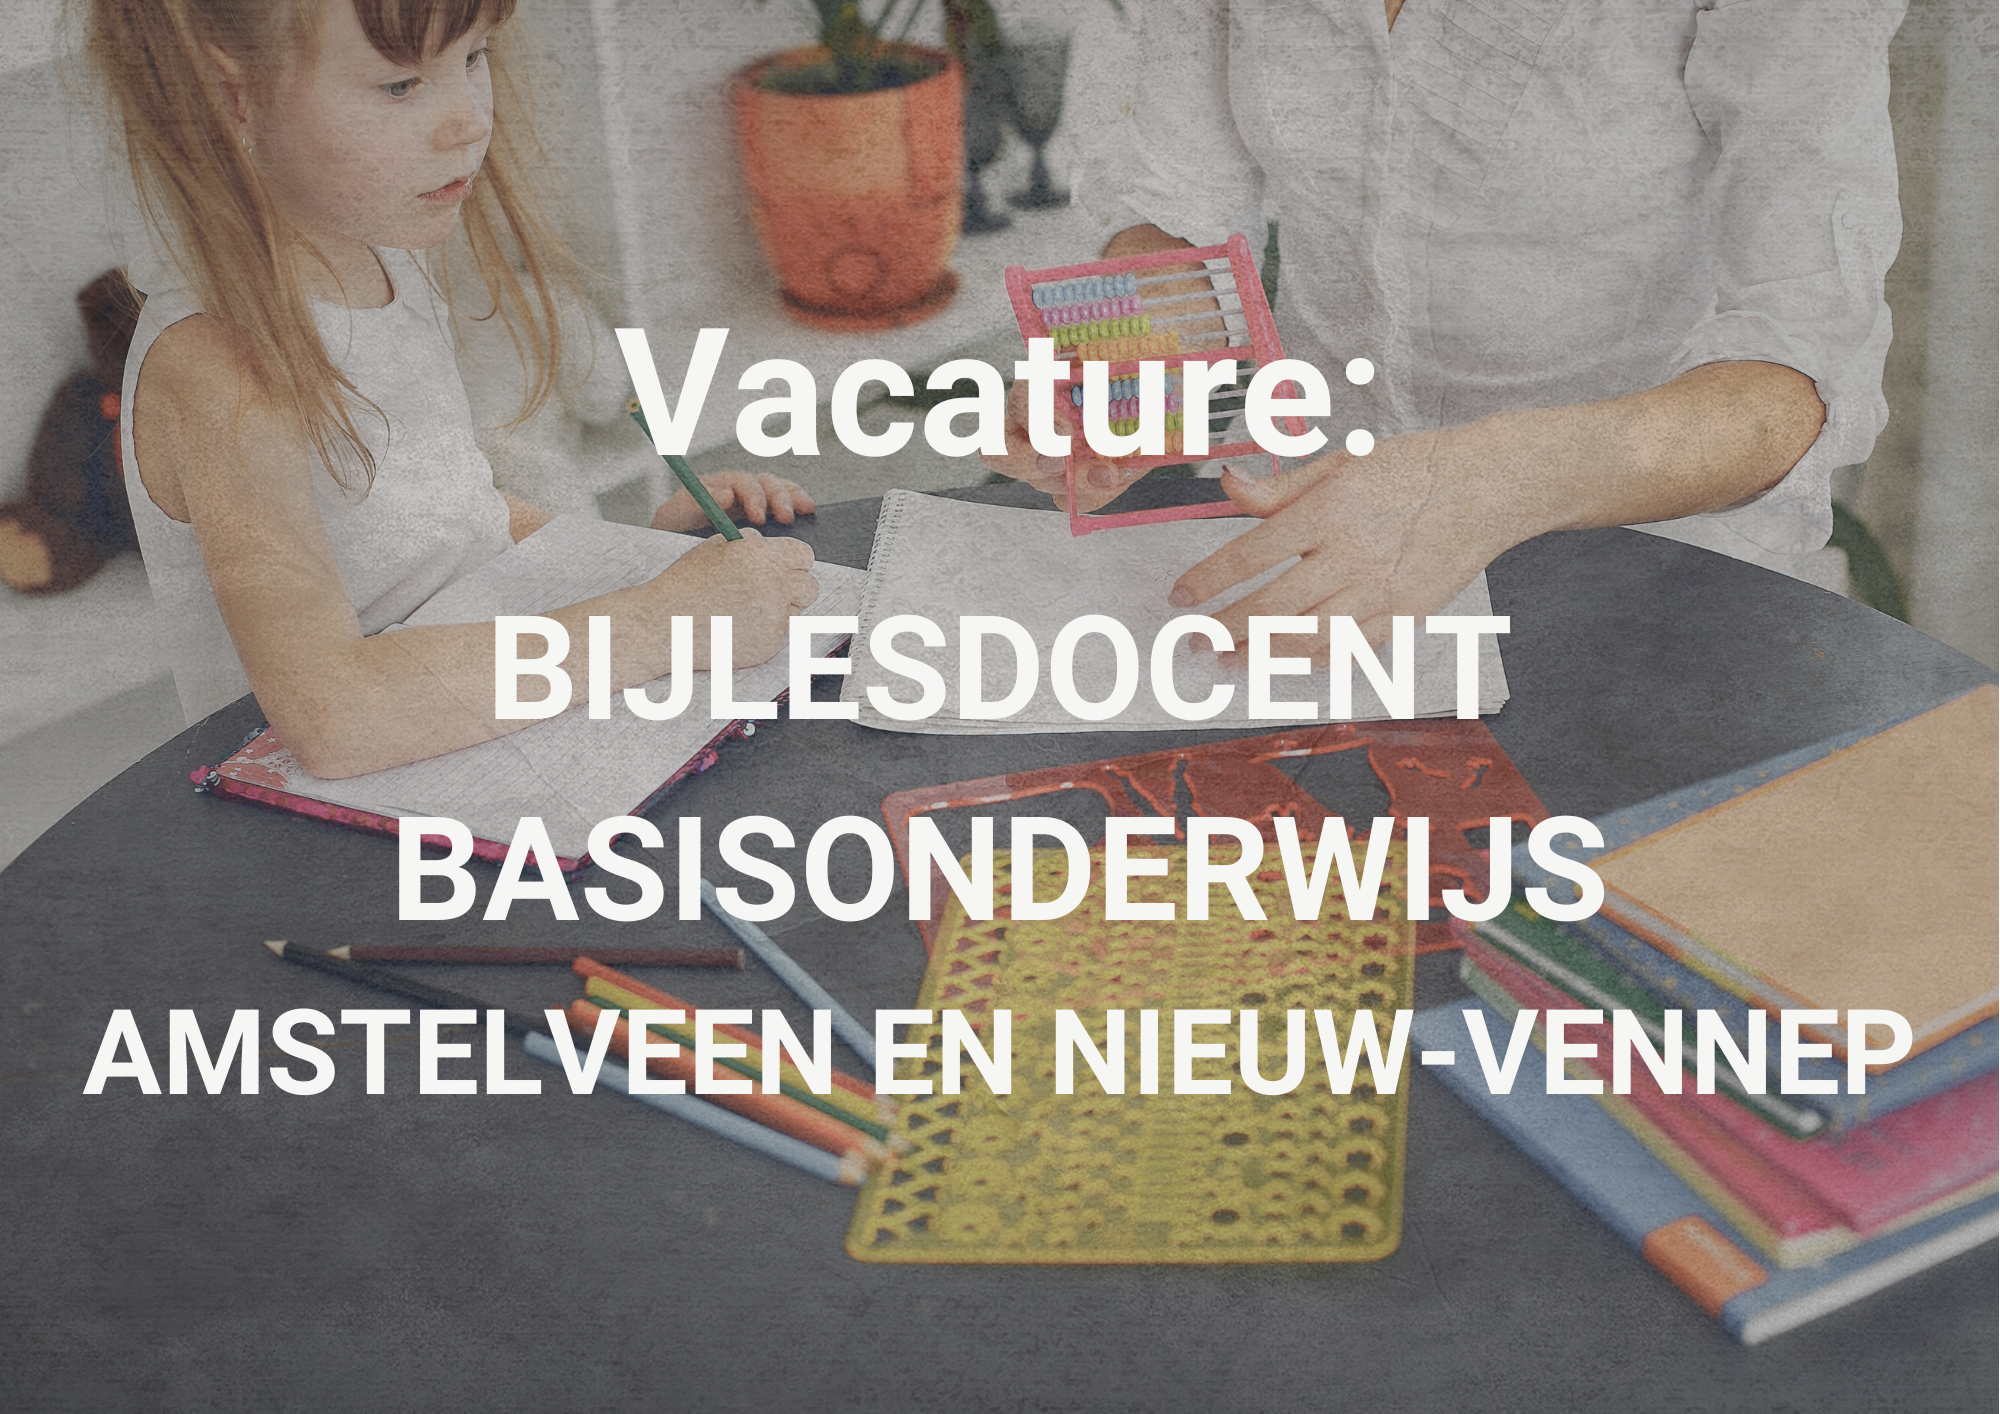 Vacature Bijlesdocent basisonderwijs Amstelveen en Nieuw-Vennep